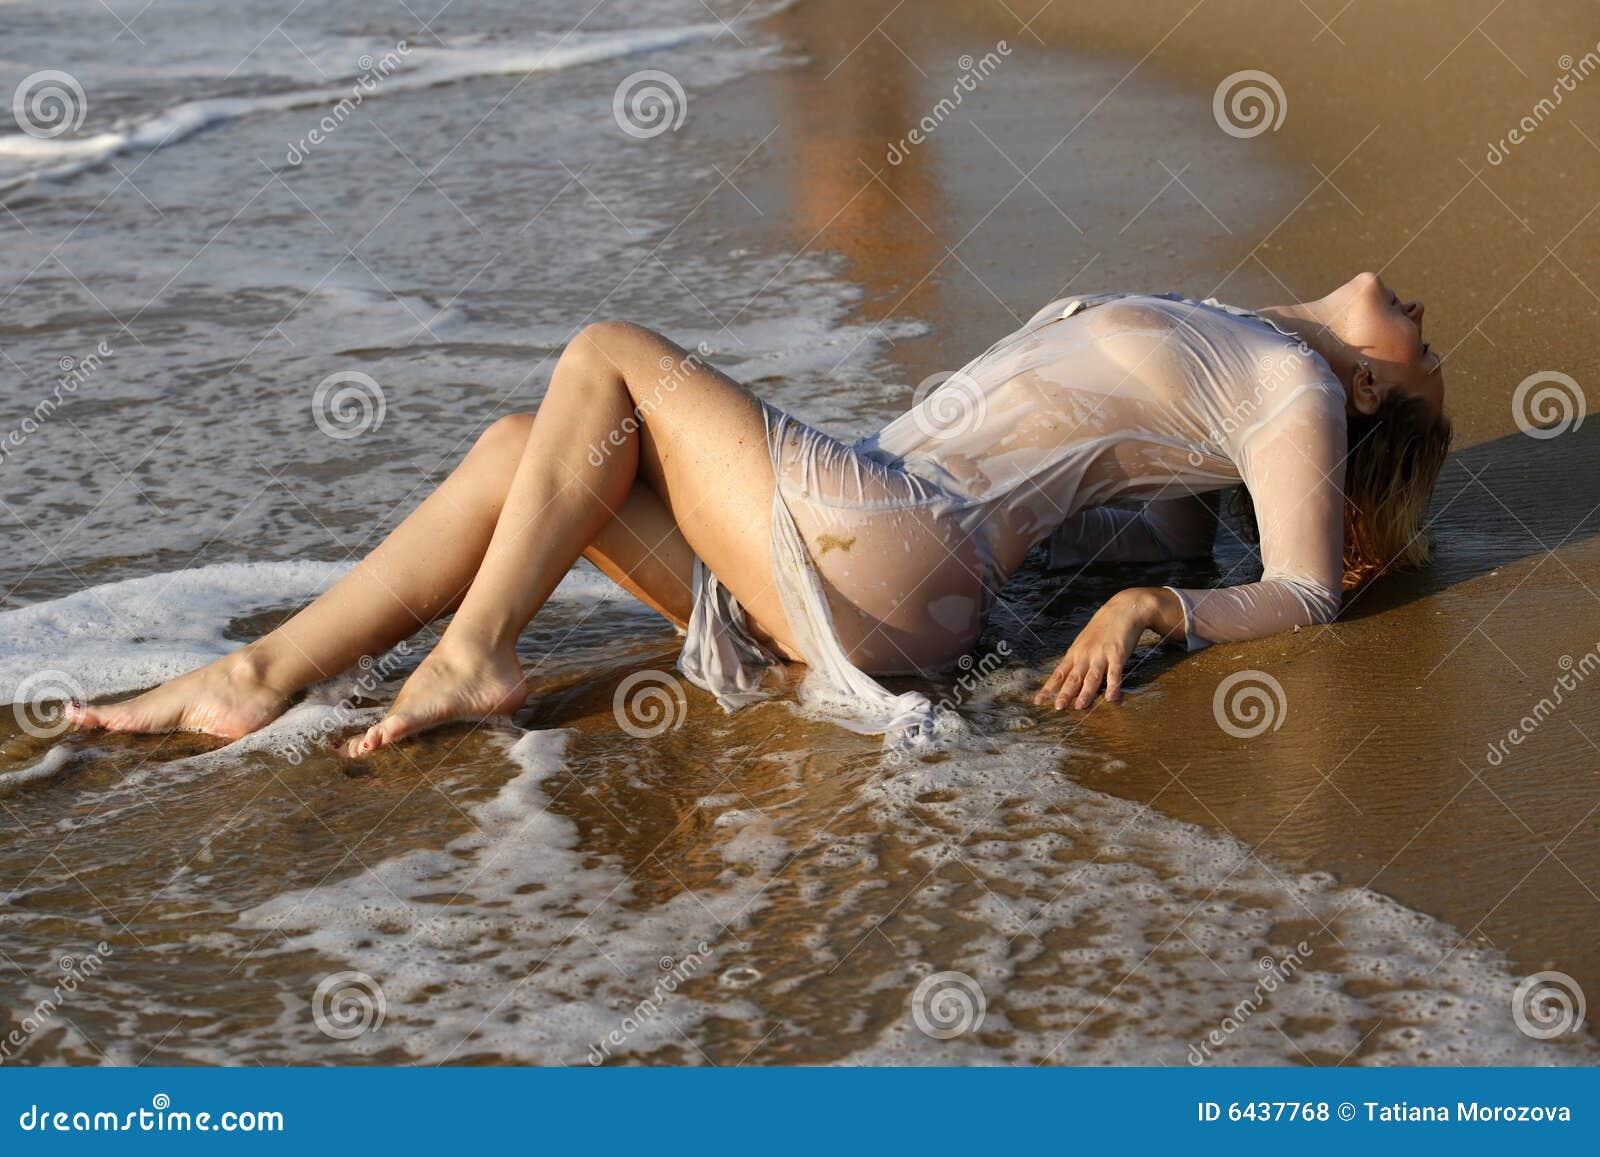 Фото девушки в мокрой одежде 8 фотография